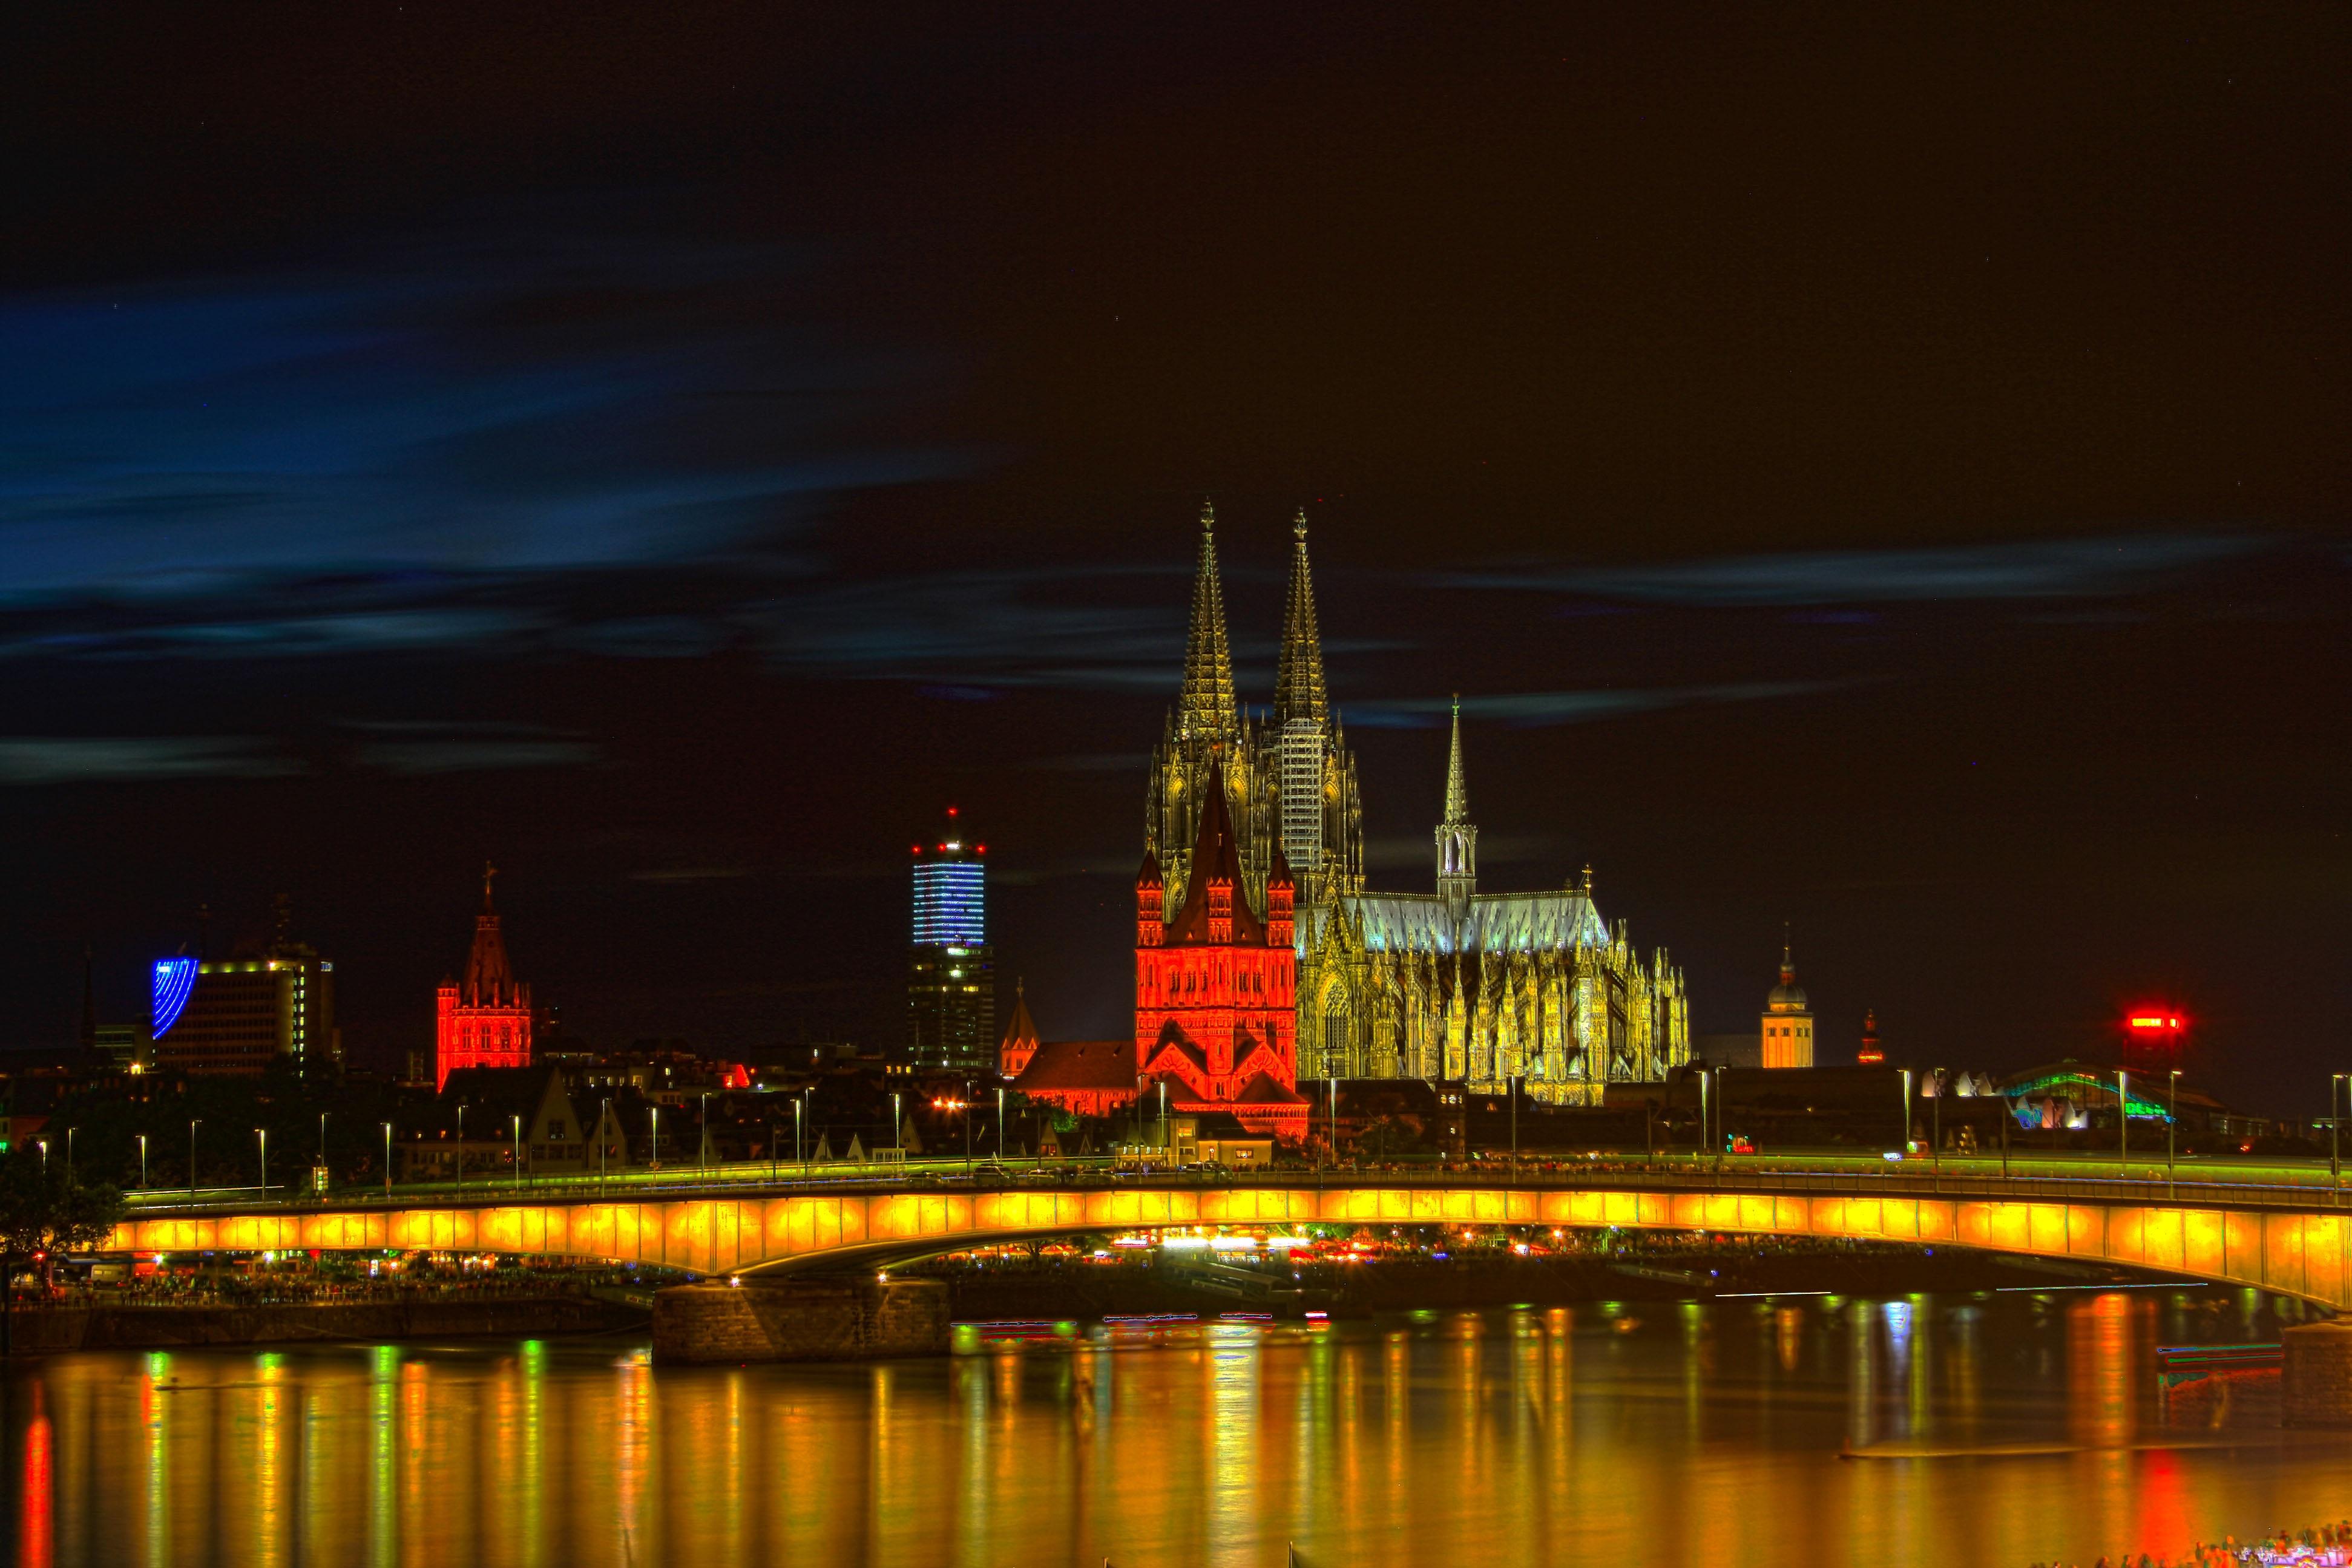 68232 Hintergrundbild herunterladen Städte, Gothic, Architektur, Nächtliche Stadt, Night City, Gotisch, Deutschland, Köln - Bildschirmschoner und Bilder kostenlos